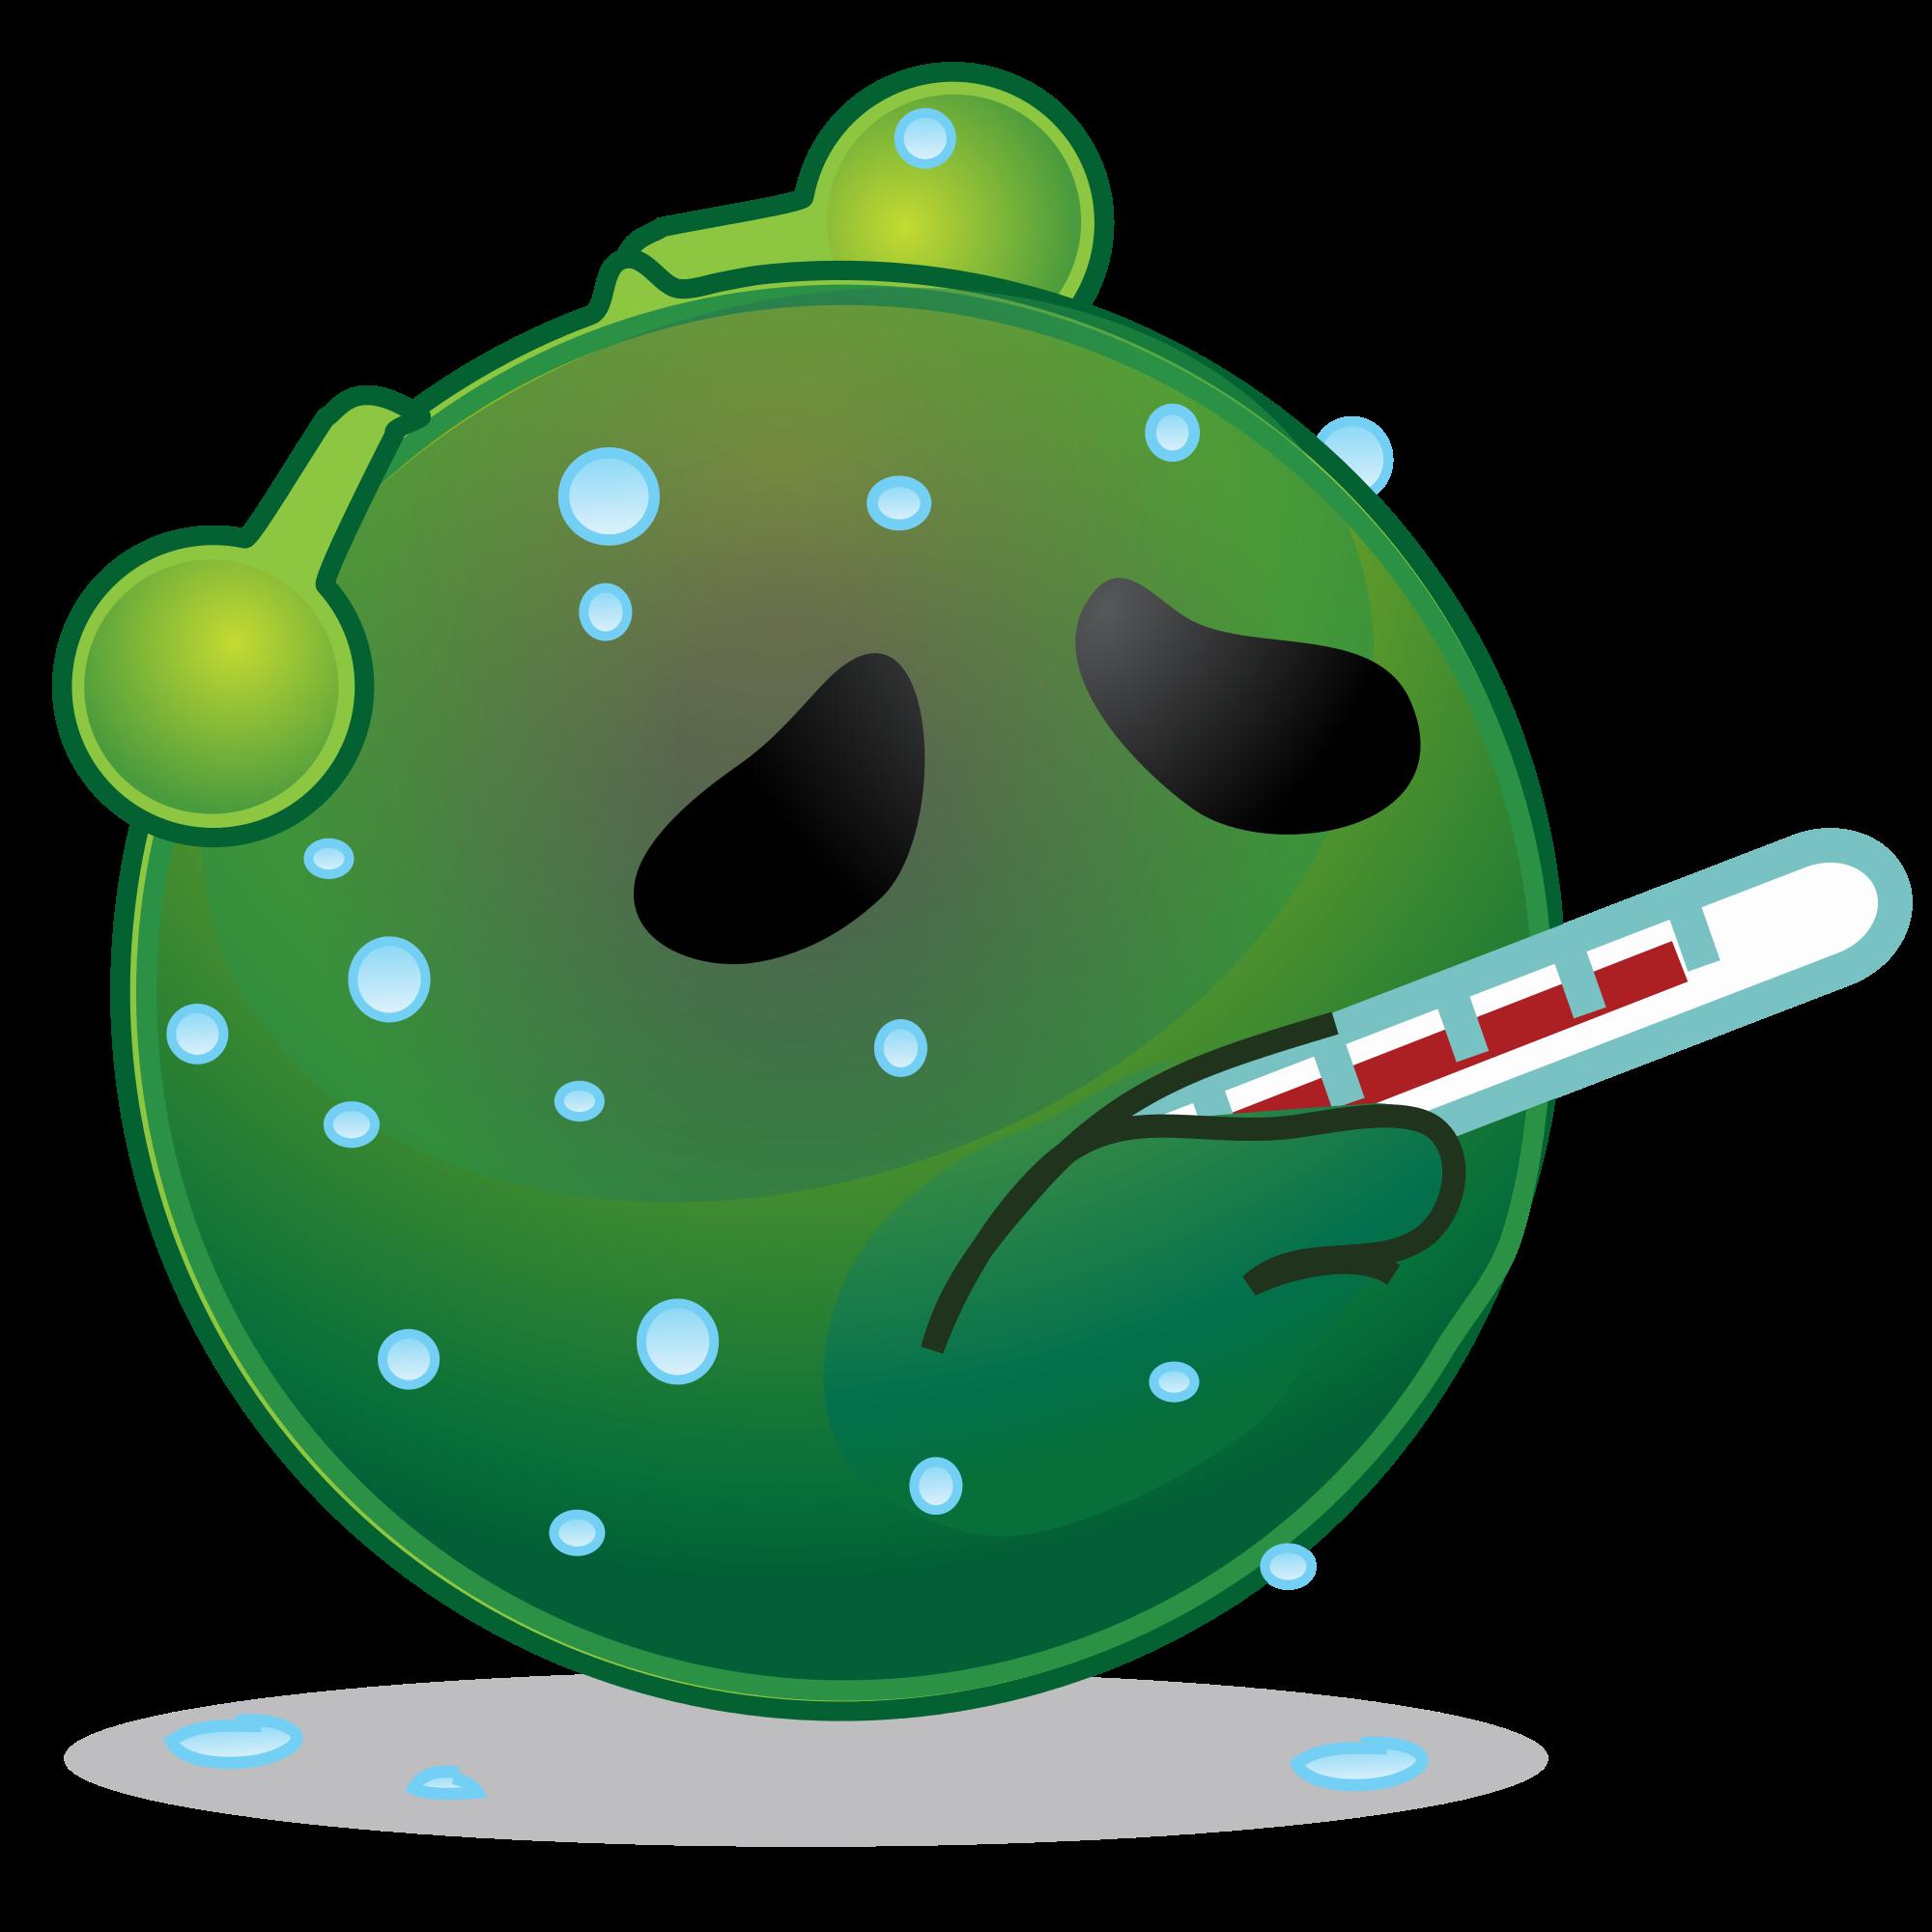 Smiley clipart fever Green fever Wikimedia hot alien